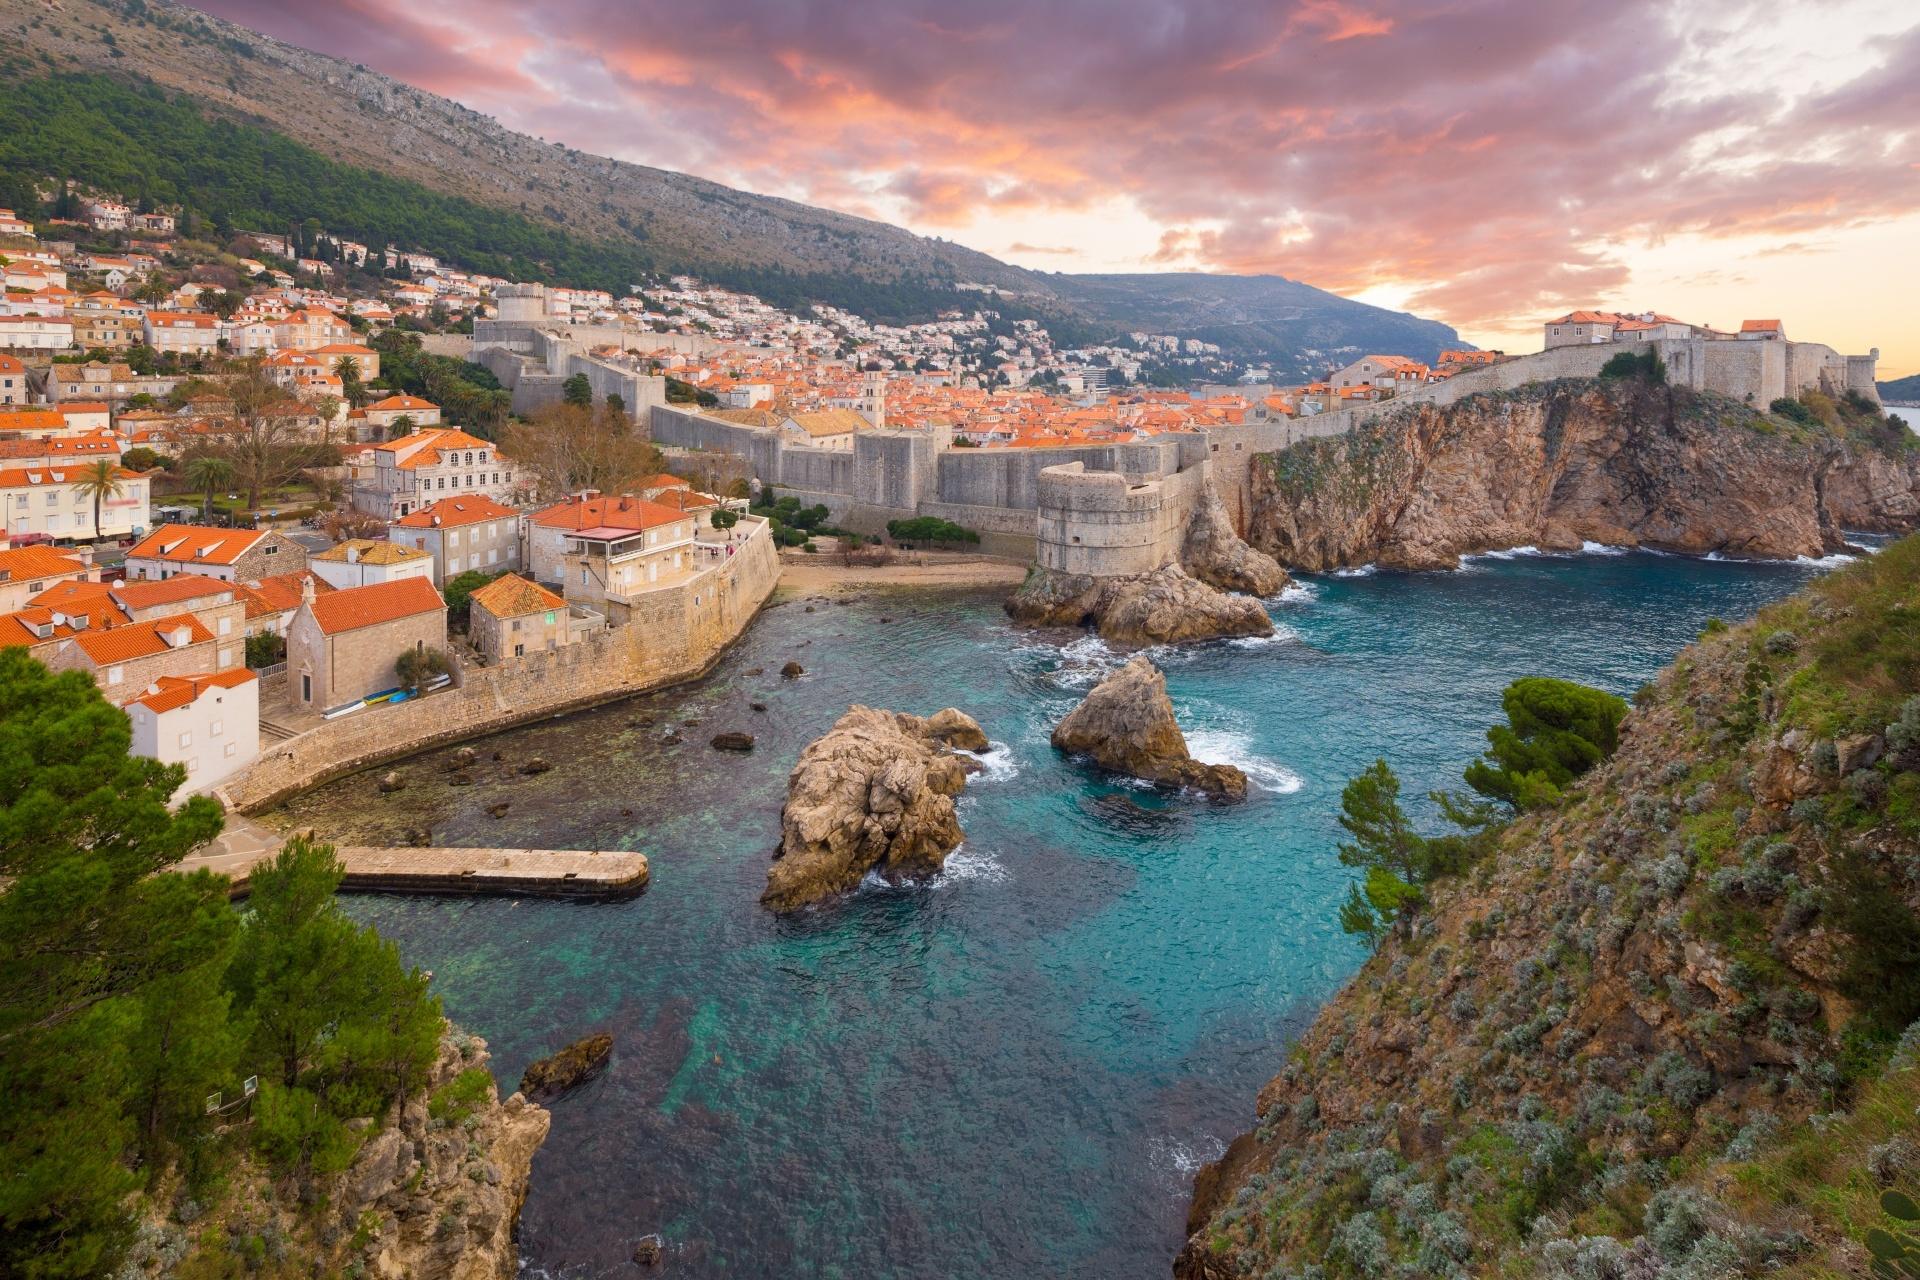 ドブロブニクの風景 クロアチアの風景